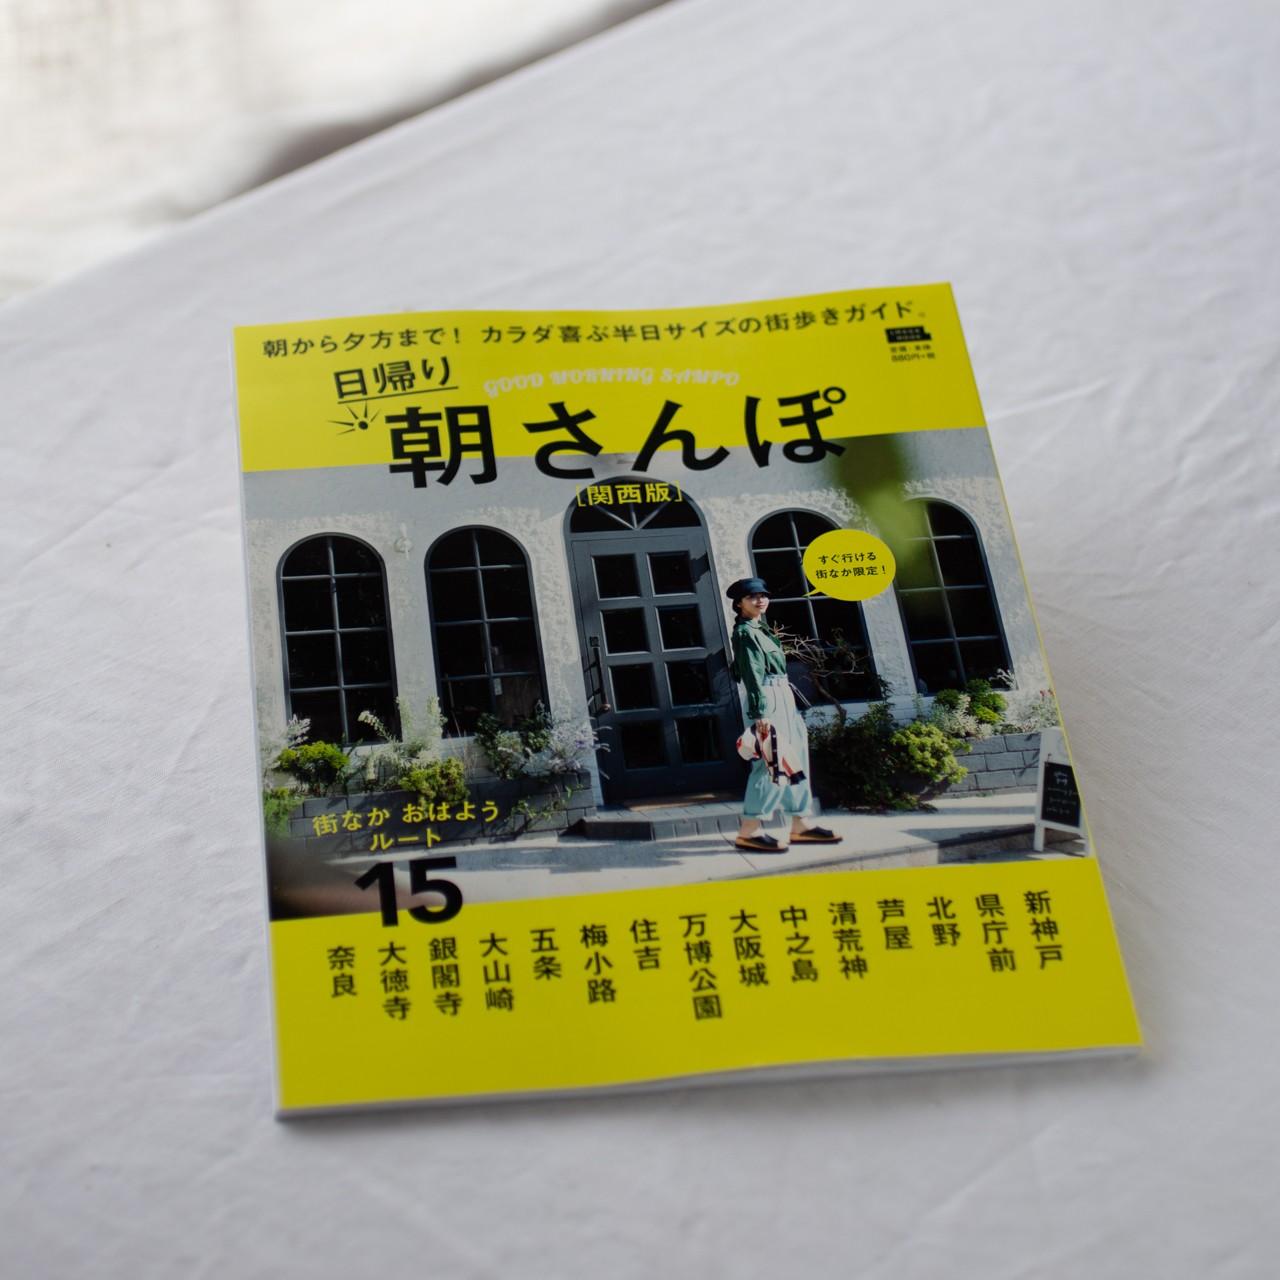 京阪神エルマガジン社ムック『日帰り 朝さんぽ』(5月31日発売)に掲載されました